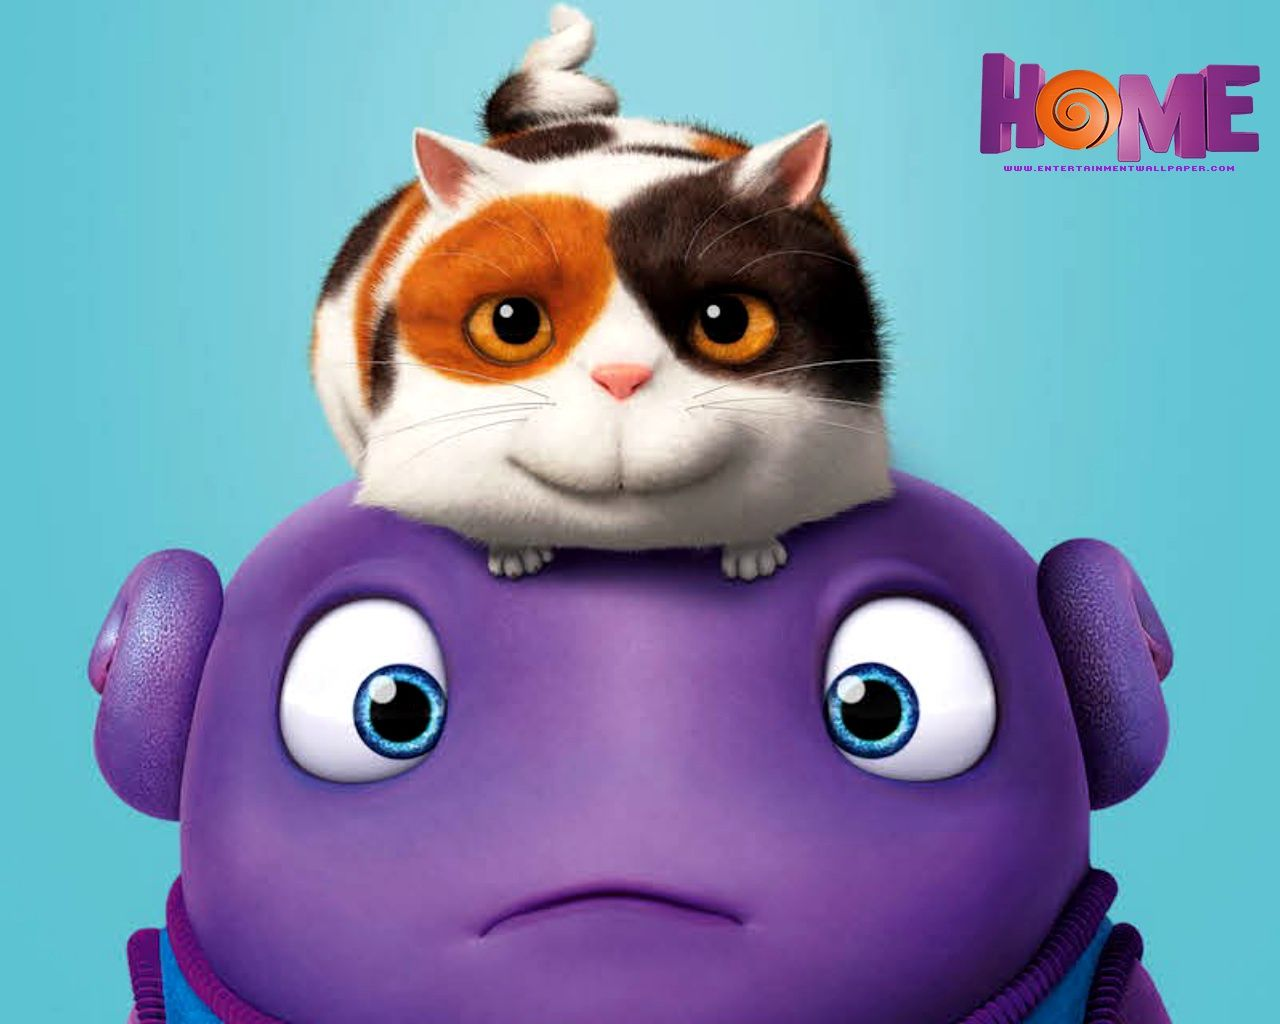 """Boov-ul Oh, personajul principal al filmului """"Home"""""""